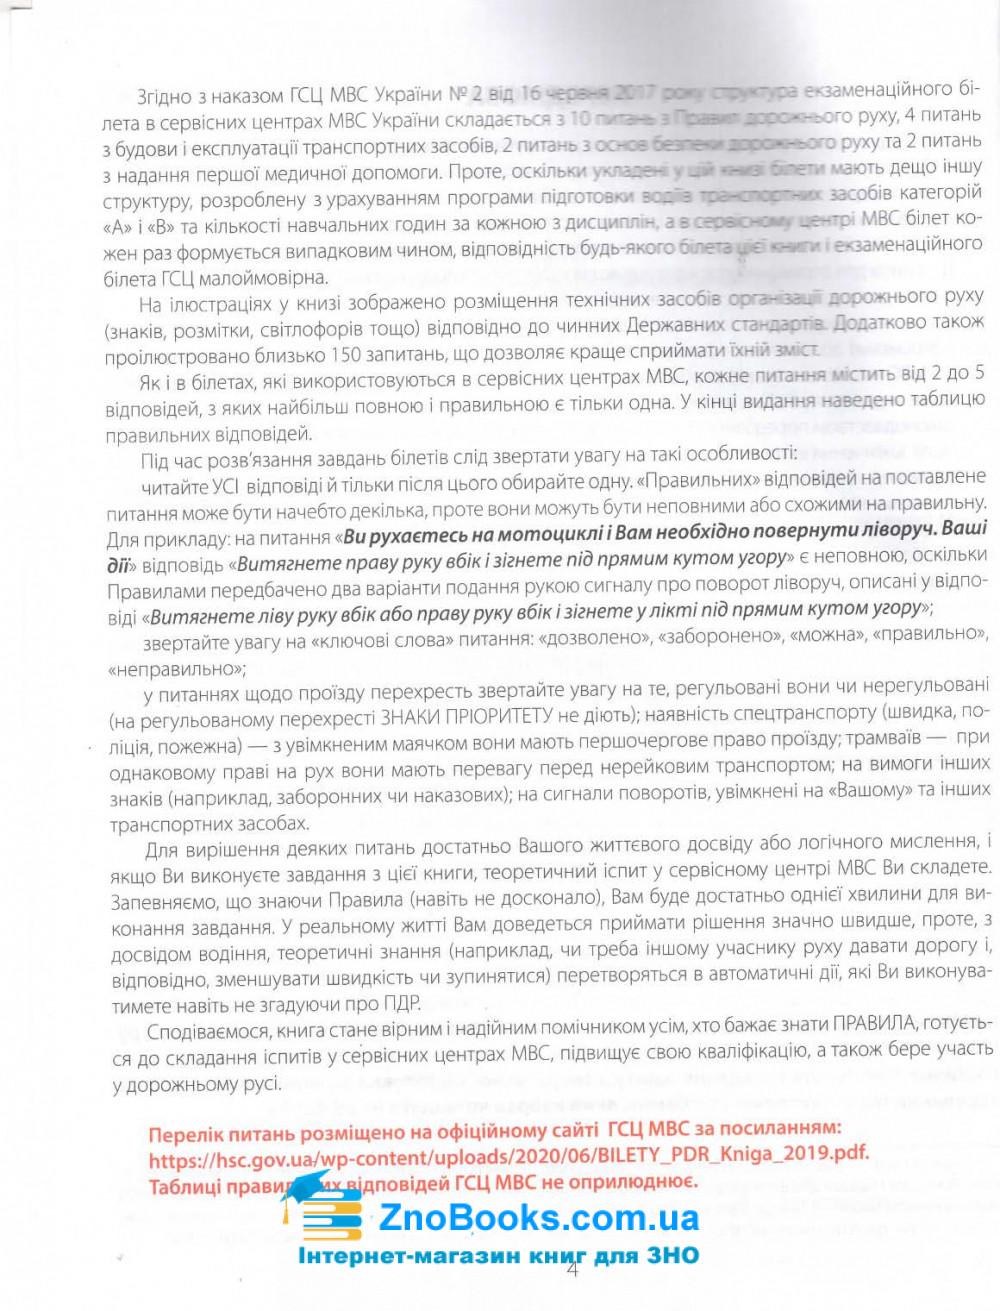 Правила дорожнього руху. Білети ПДР 2021 : Дерех З., Заворицький Ю. Арій. купити 4